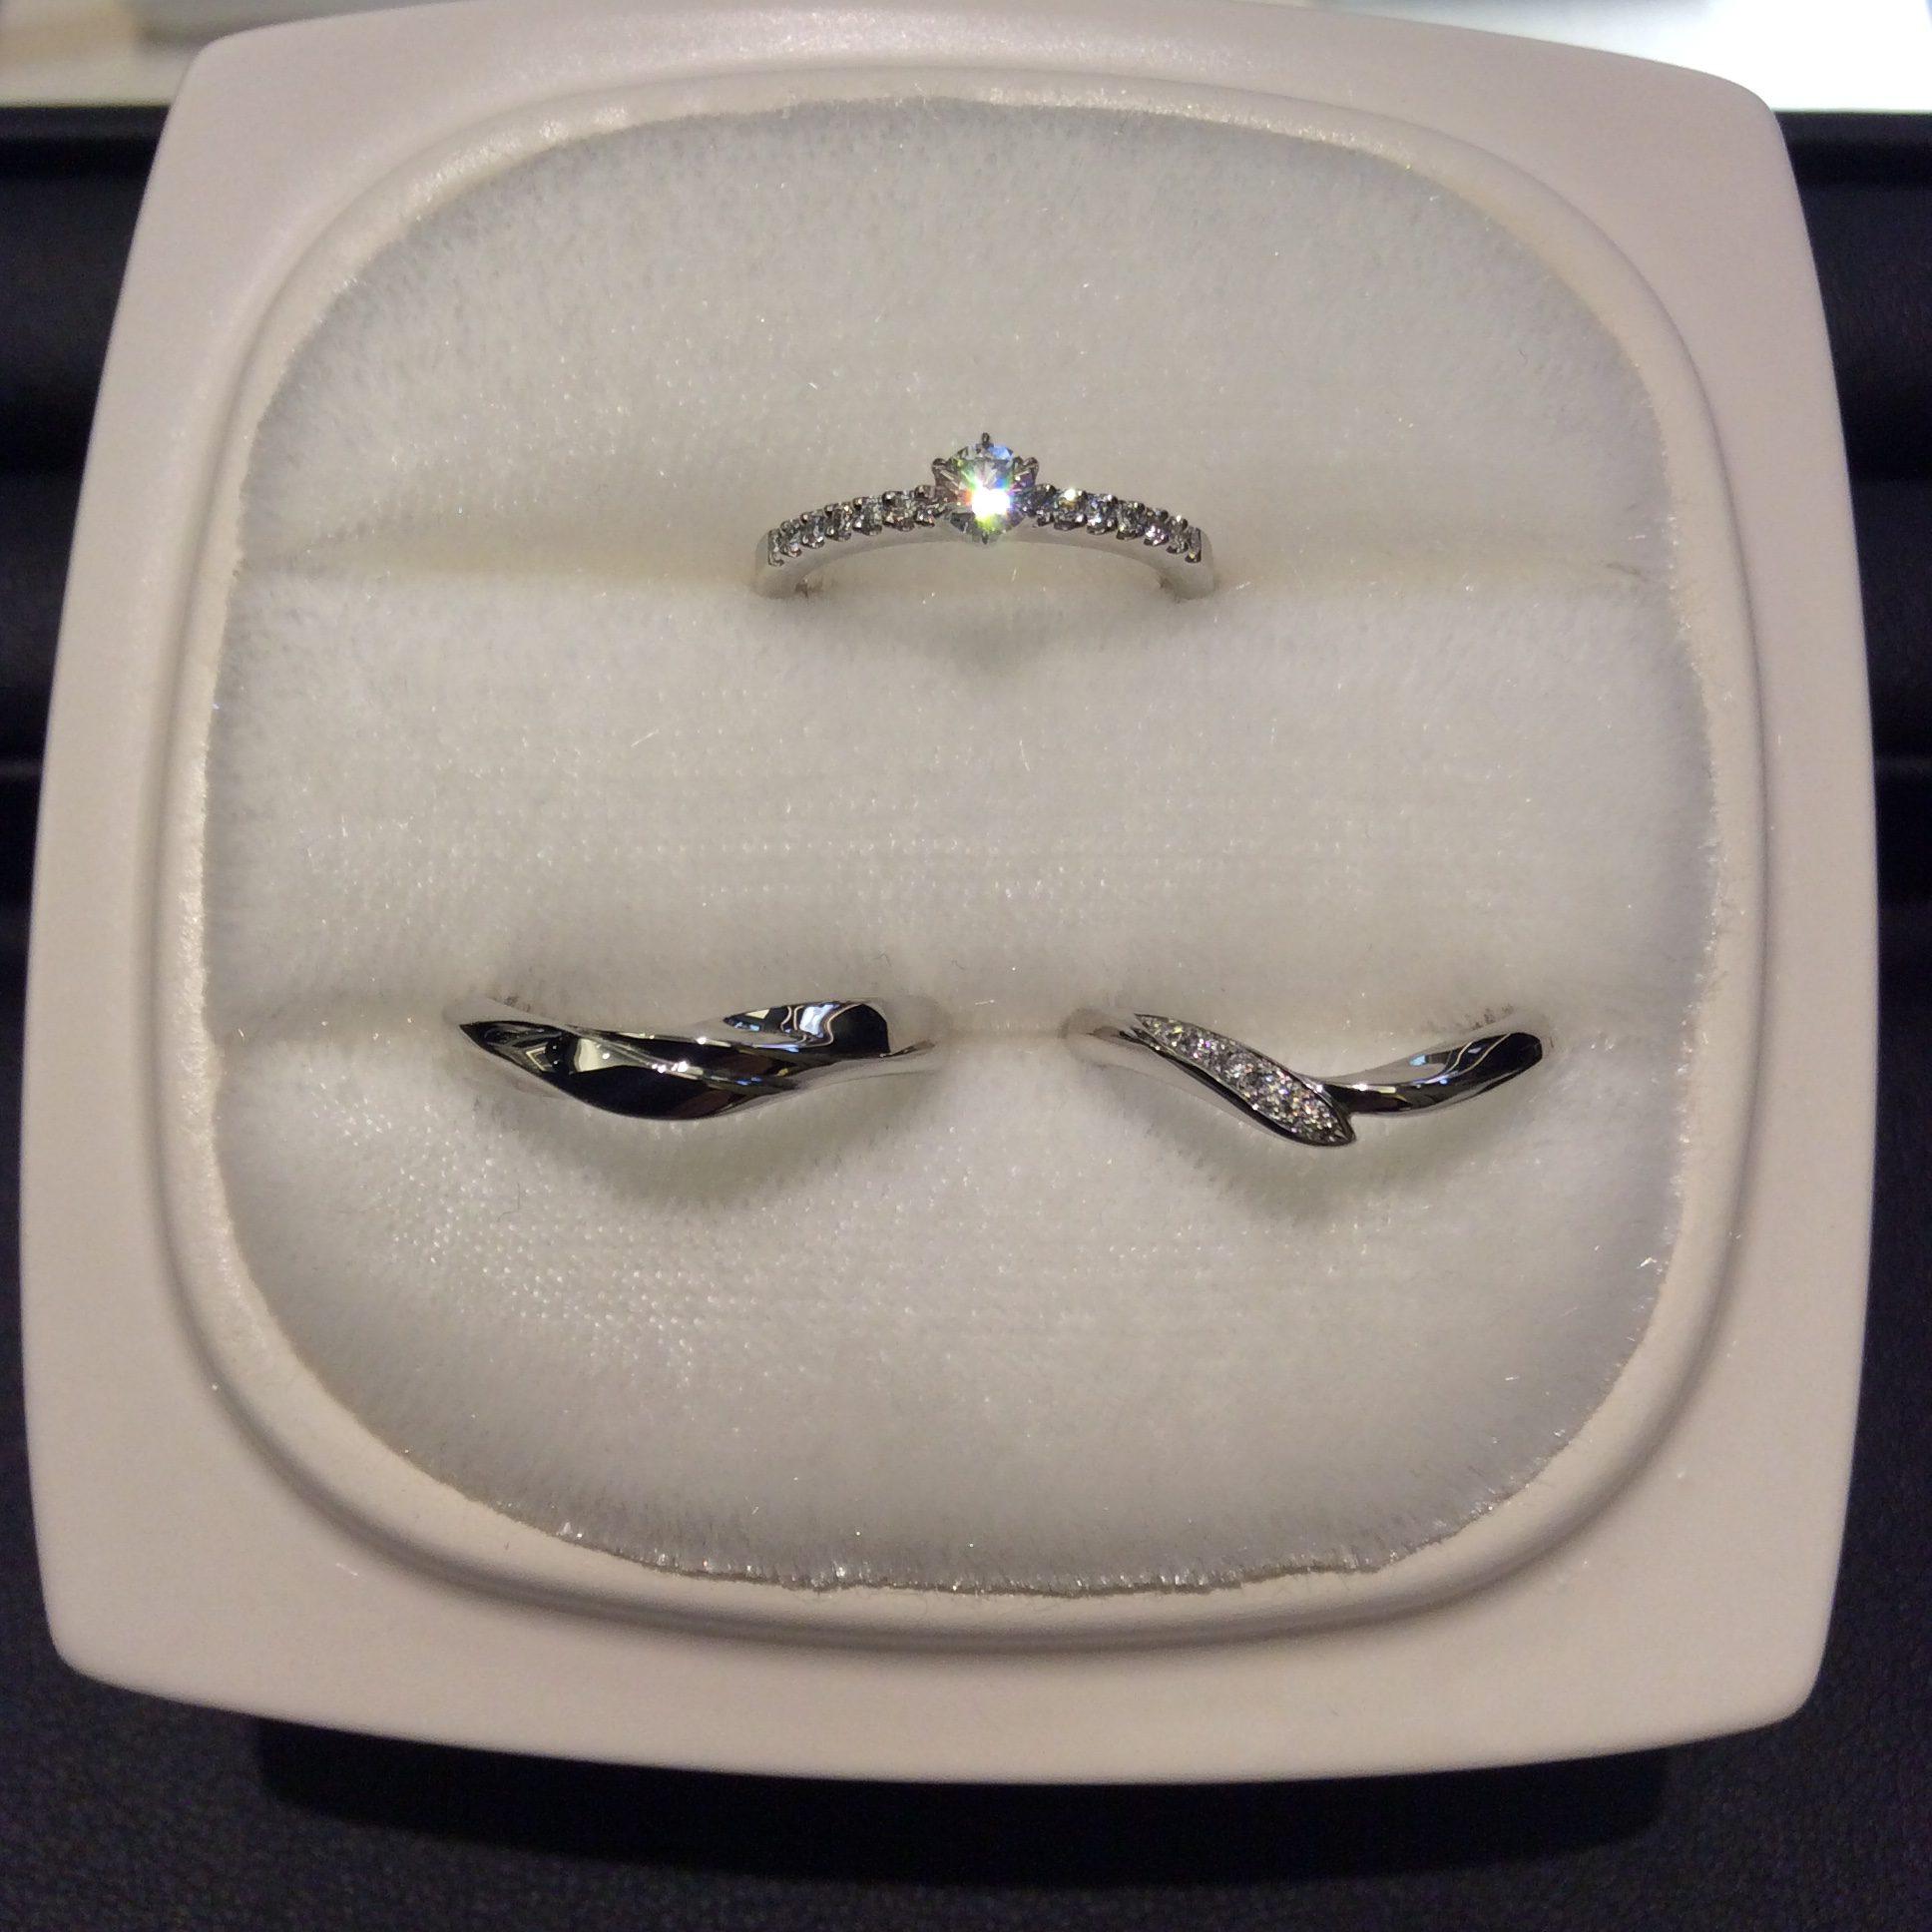 ゴージャスで上品なロイヤルアッシャーの婚約指輪💍✨(新潟市/T様ご夫婦様)